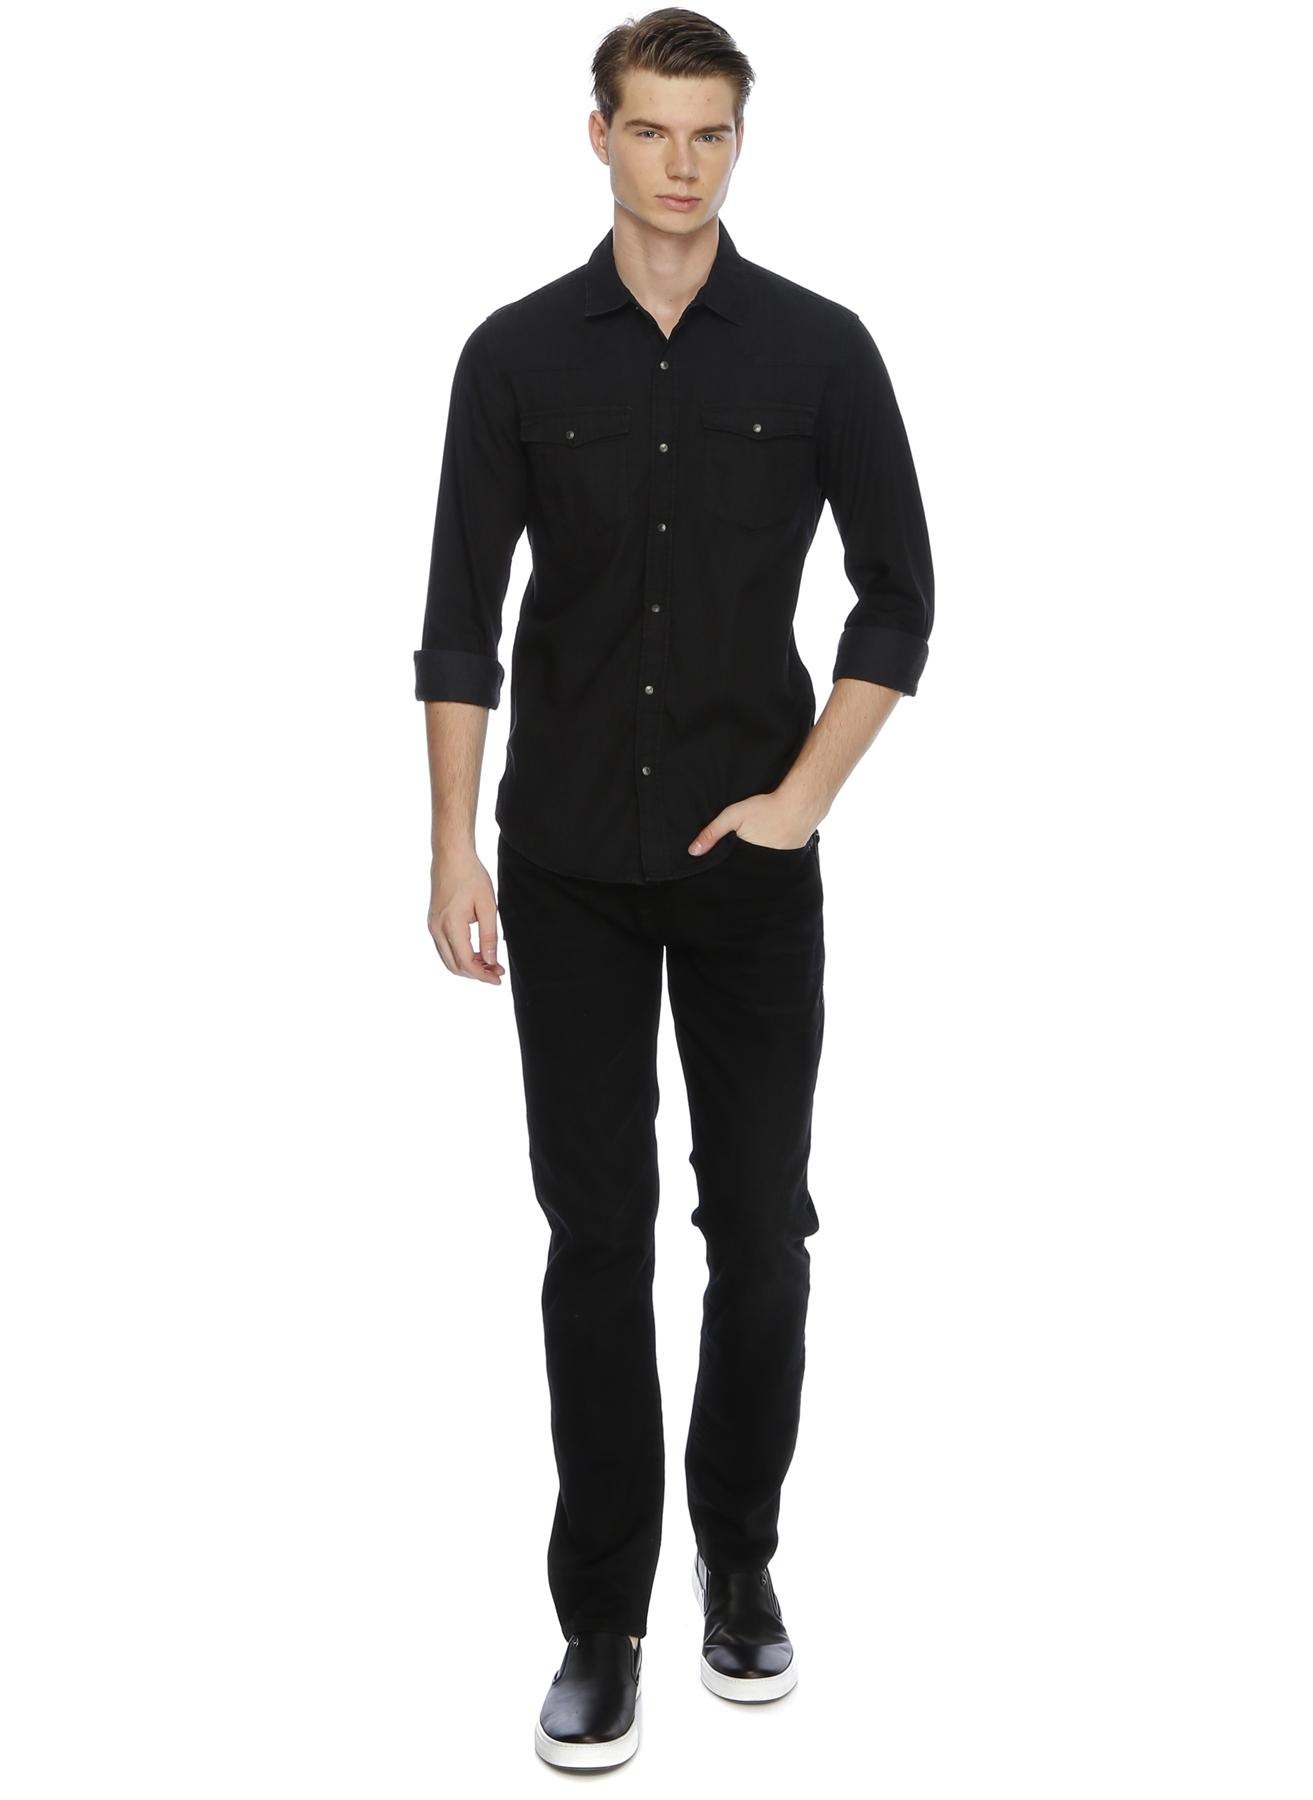 Mavi Marcus Mavi Black Klasik Pantolon 34-32 5000162858023 Ürün Resmi